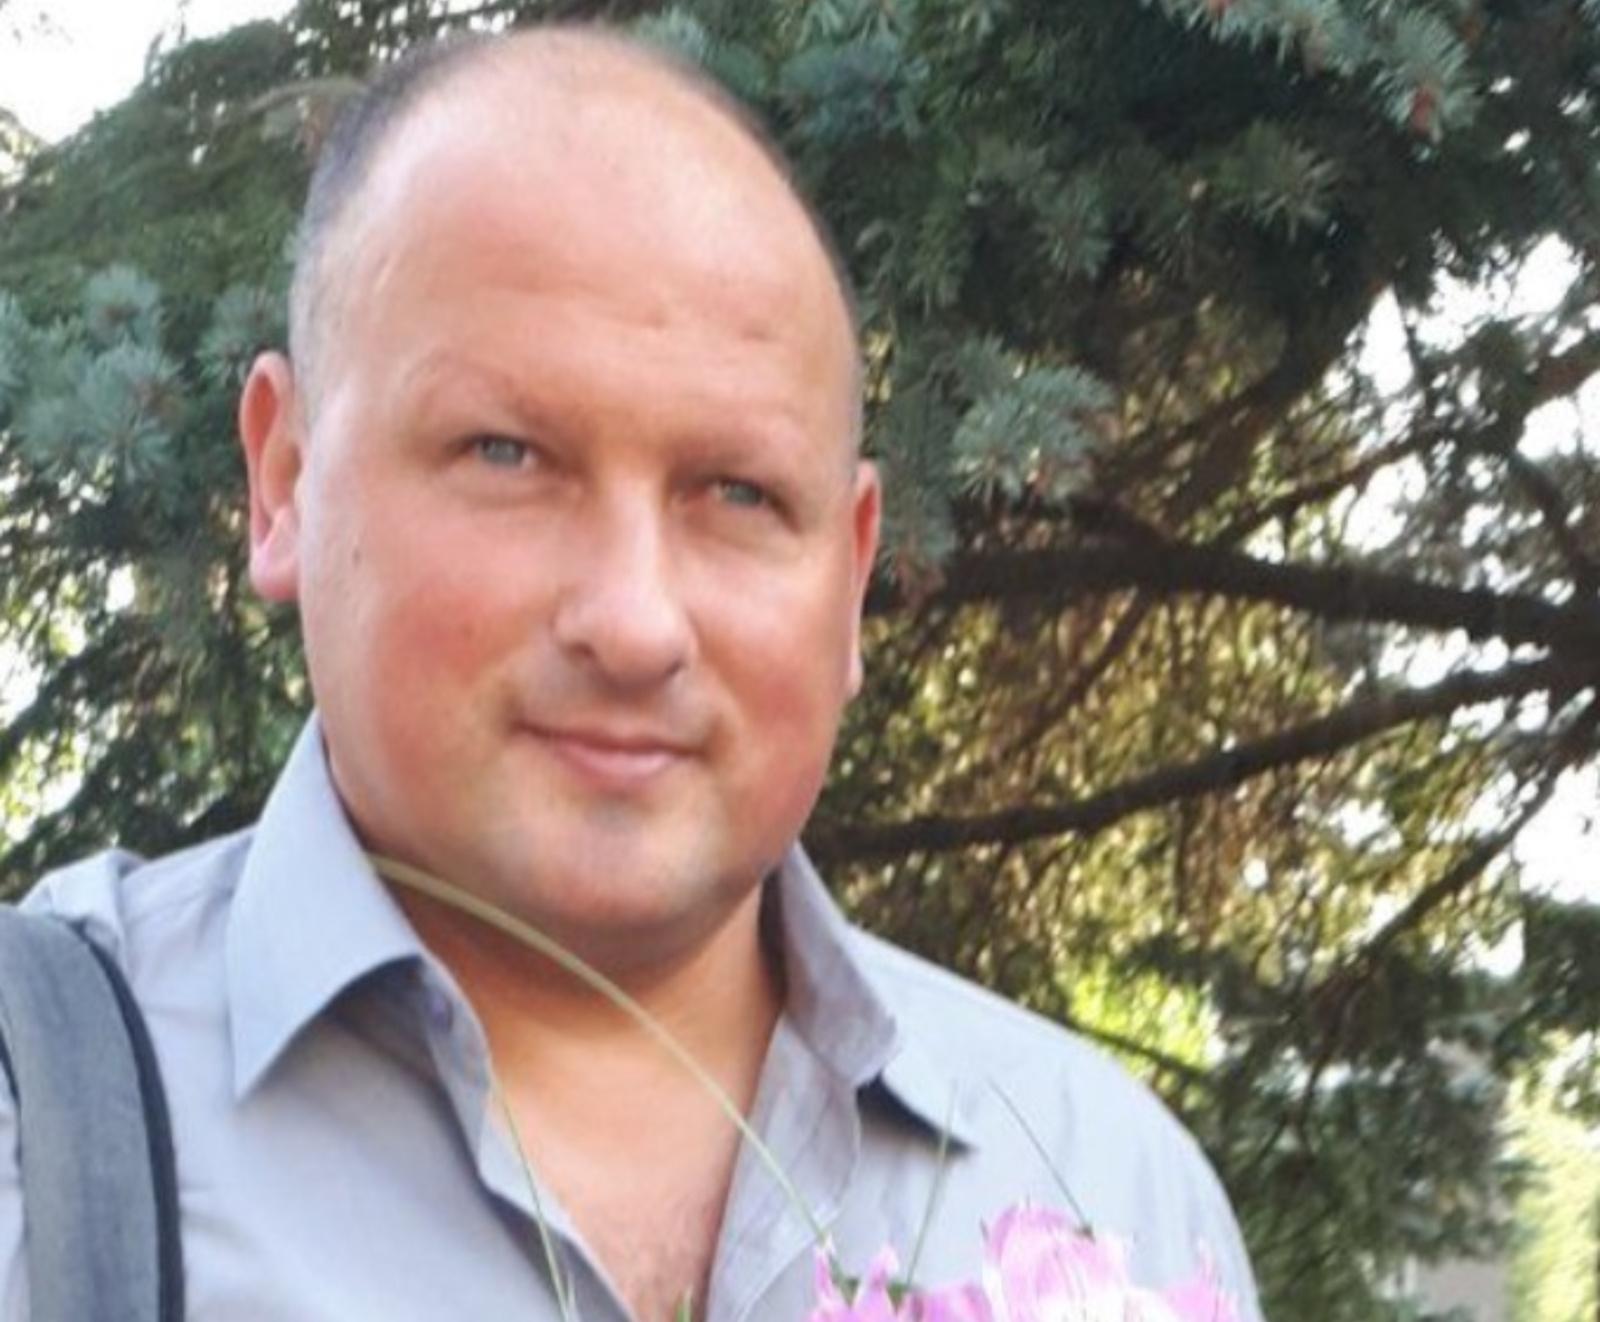 Pareigūnai ieško iš Klaipėdos į Kauną vykusio ir negrįžusio vyro